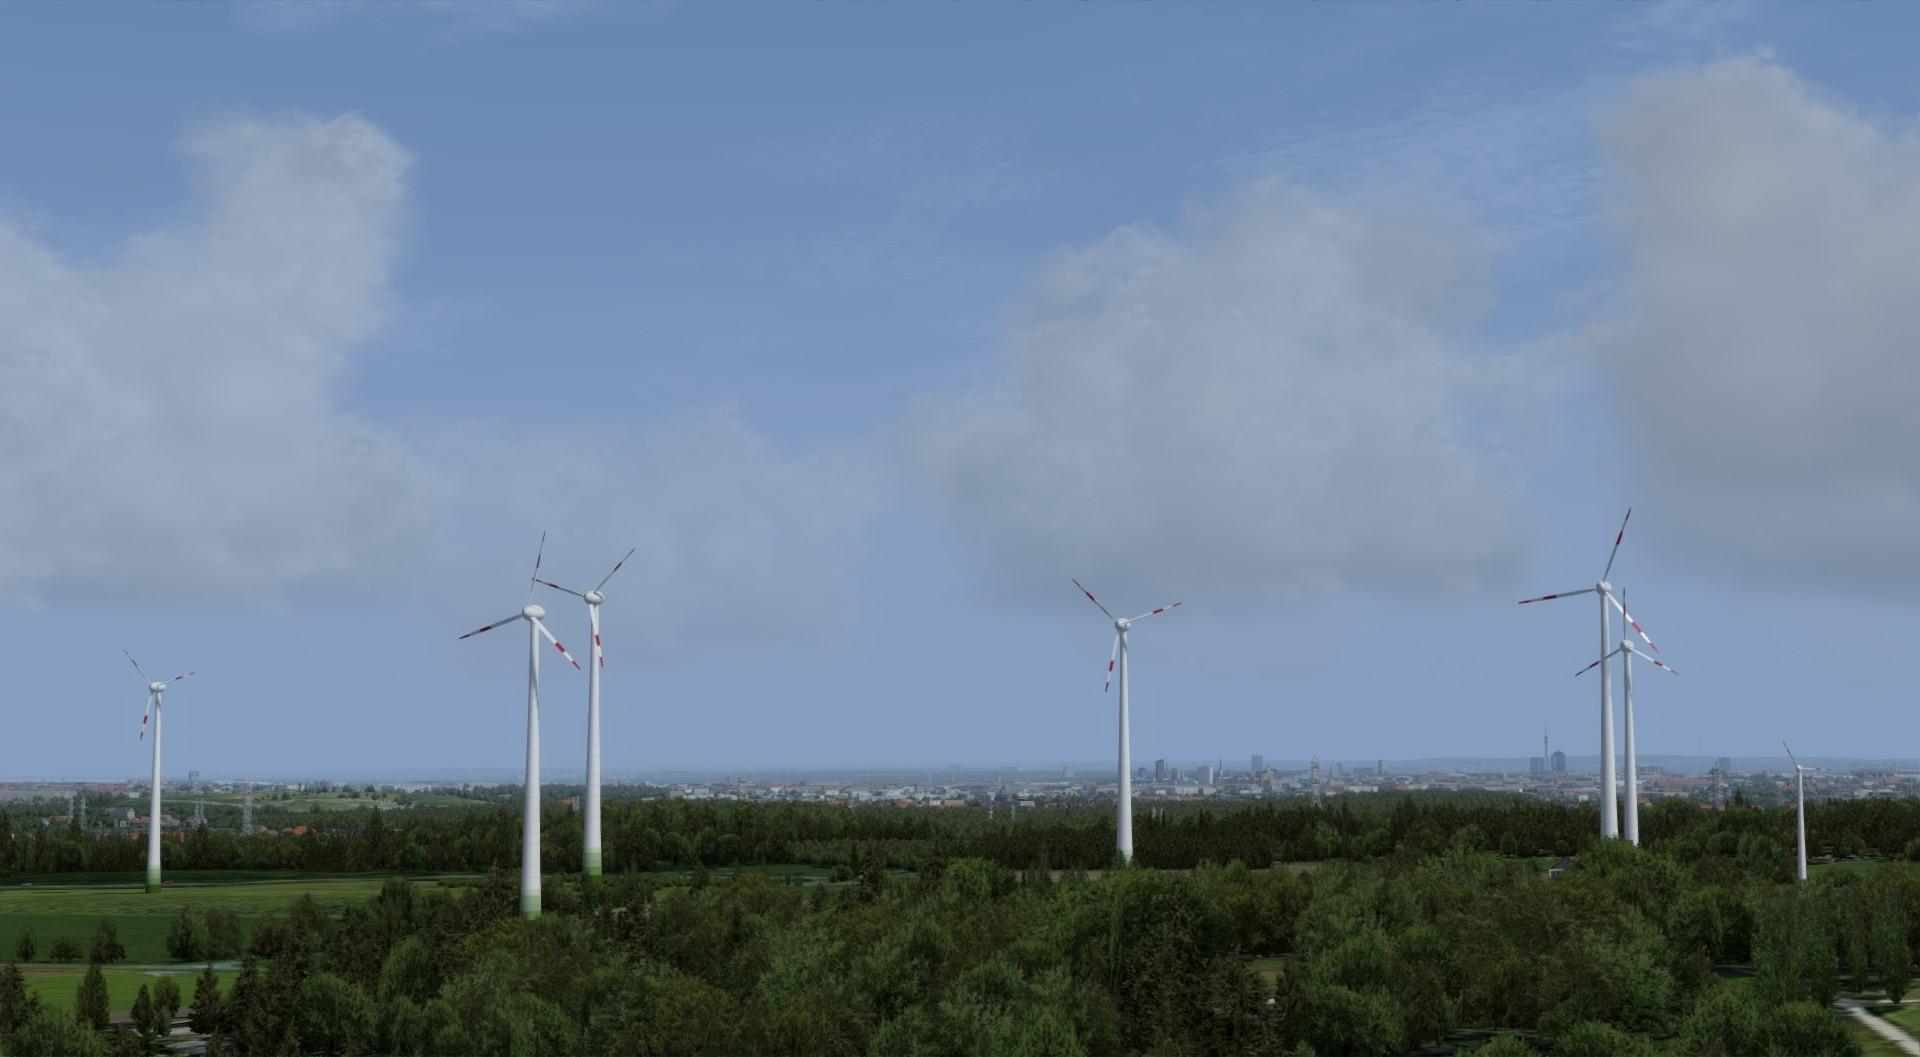 update_aproaching_dortmund_windobjekte.jpg